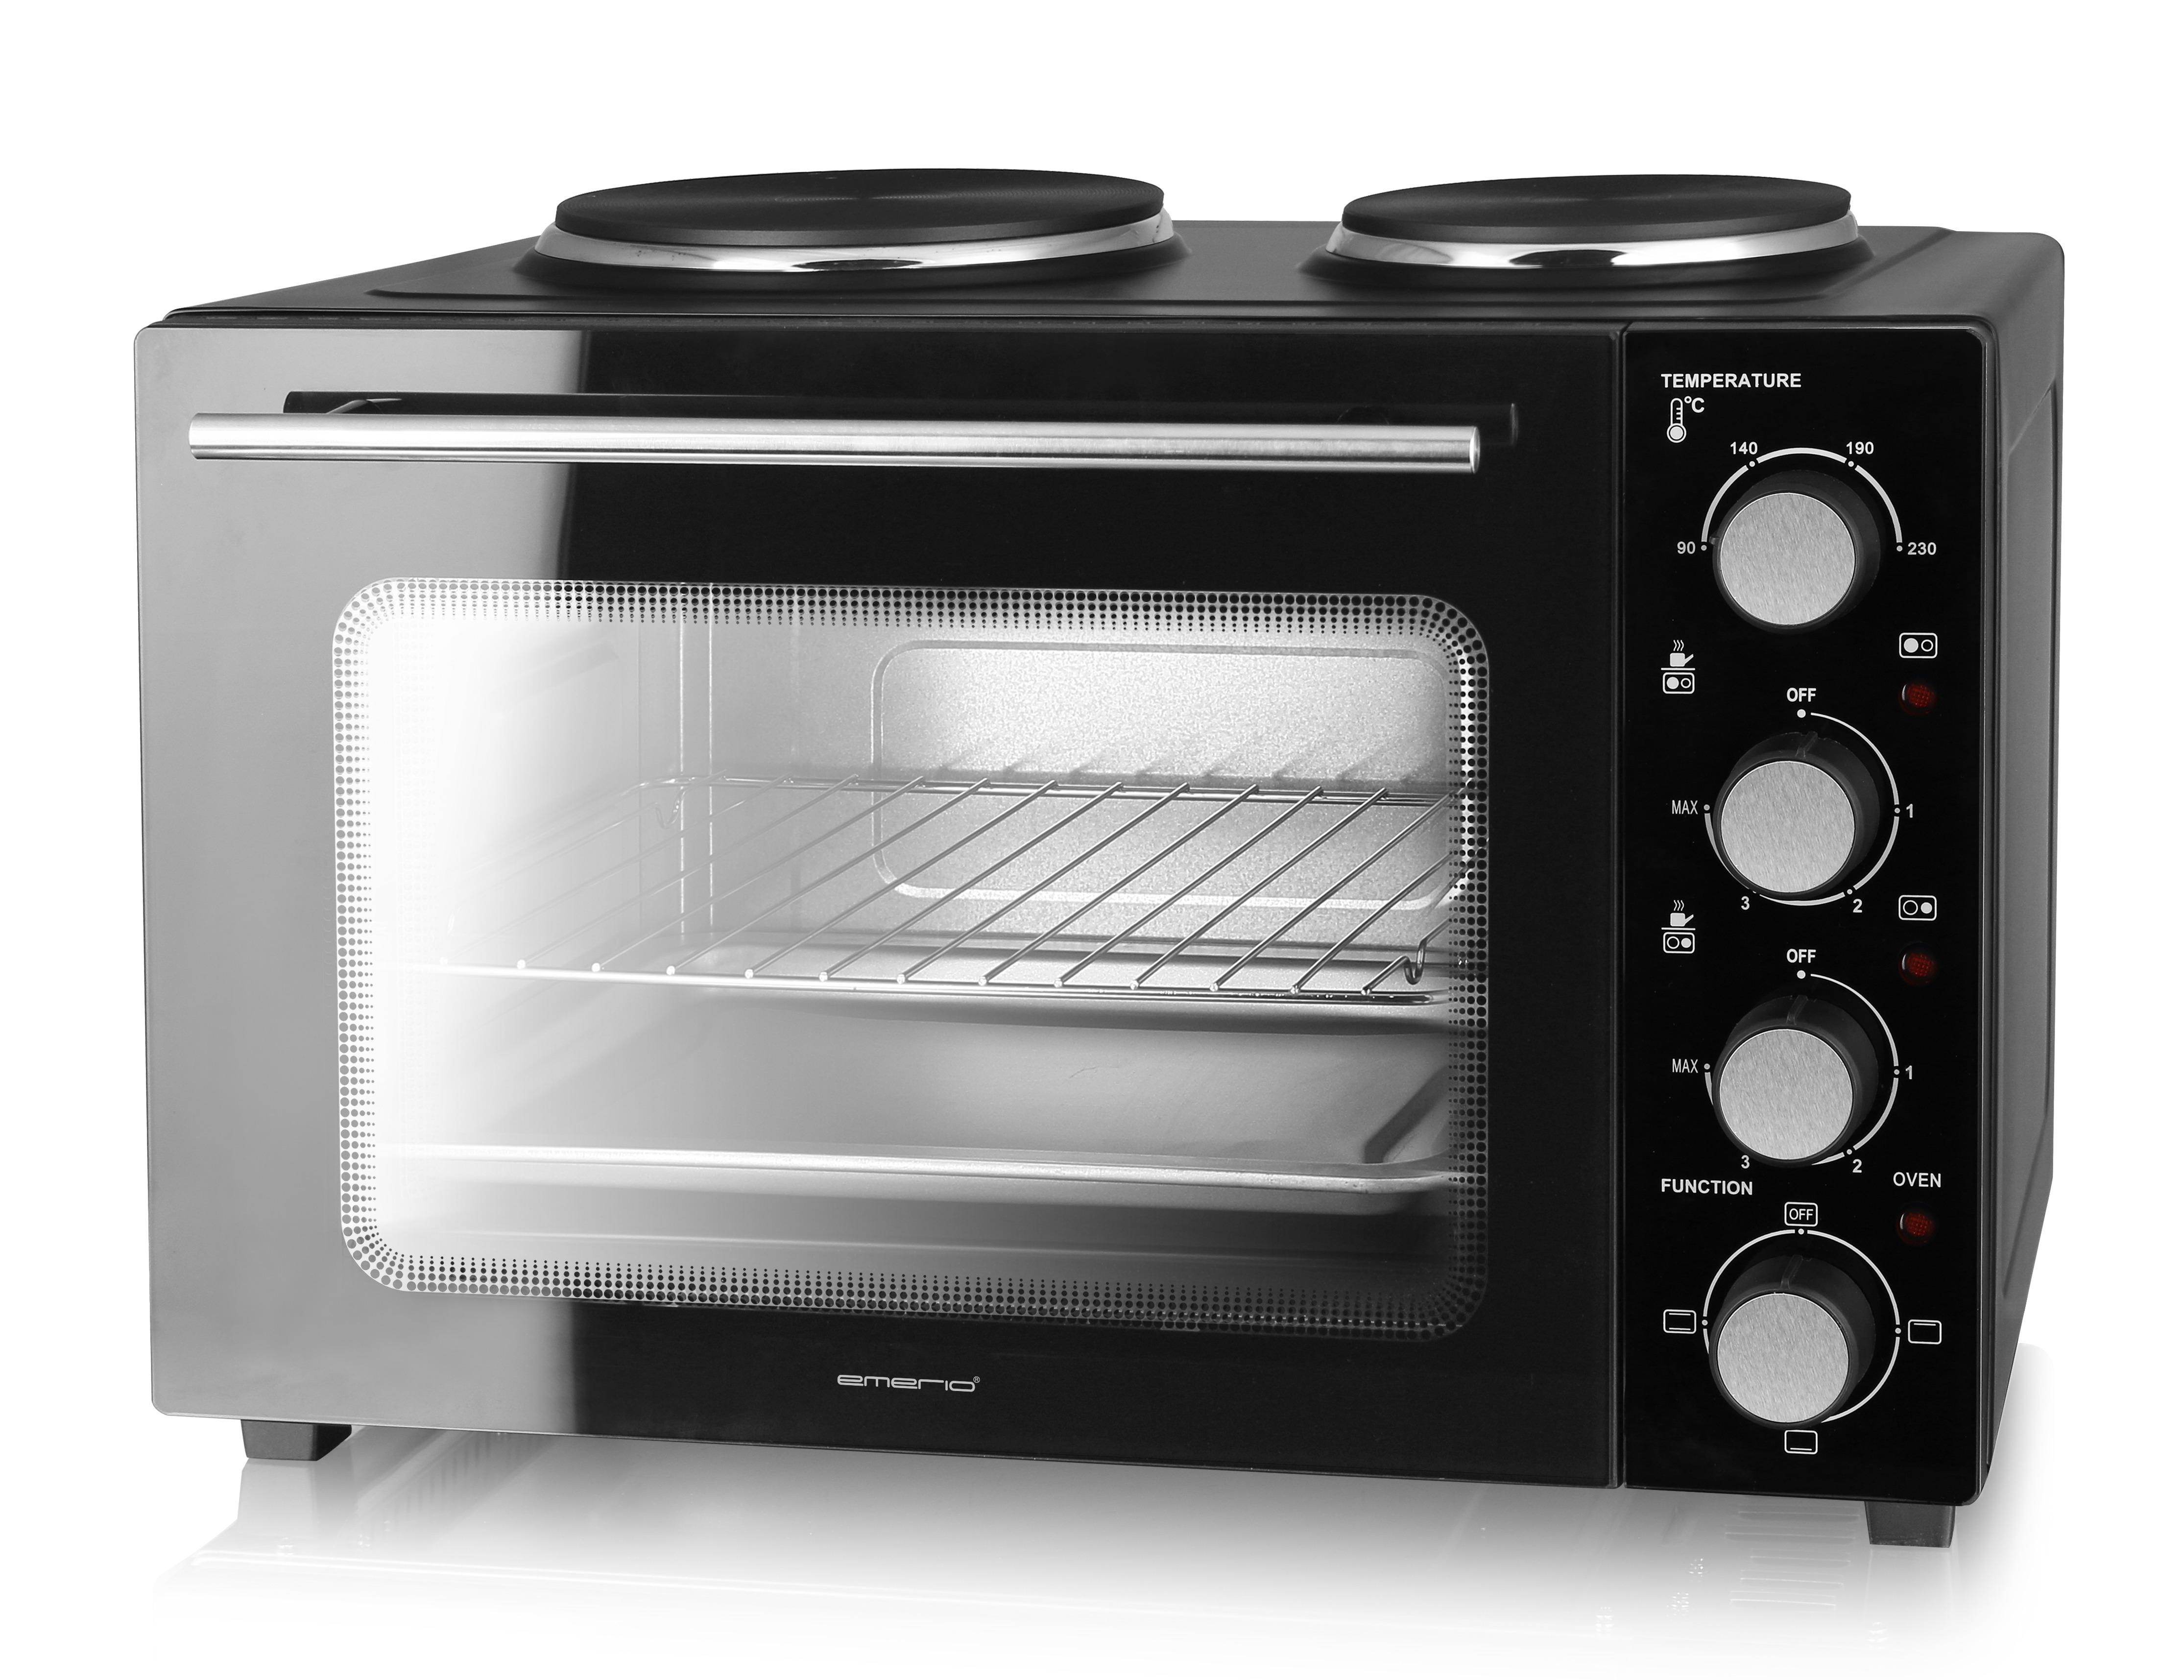 Emerio MO-125236 Oven